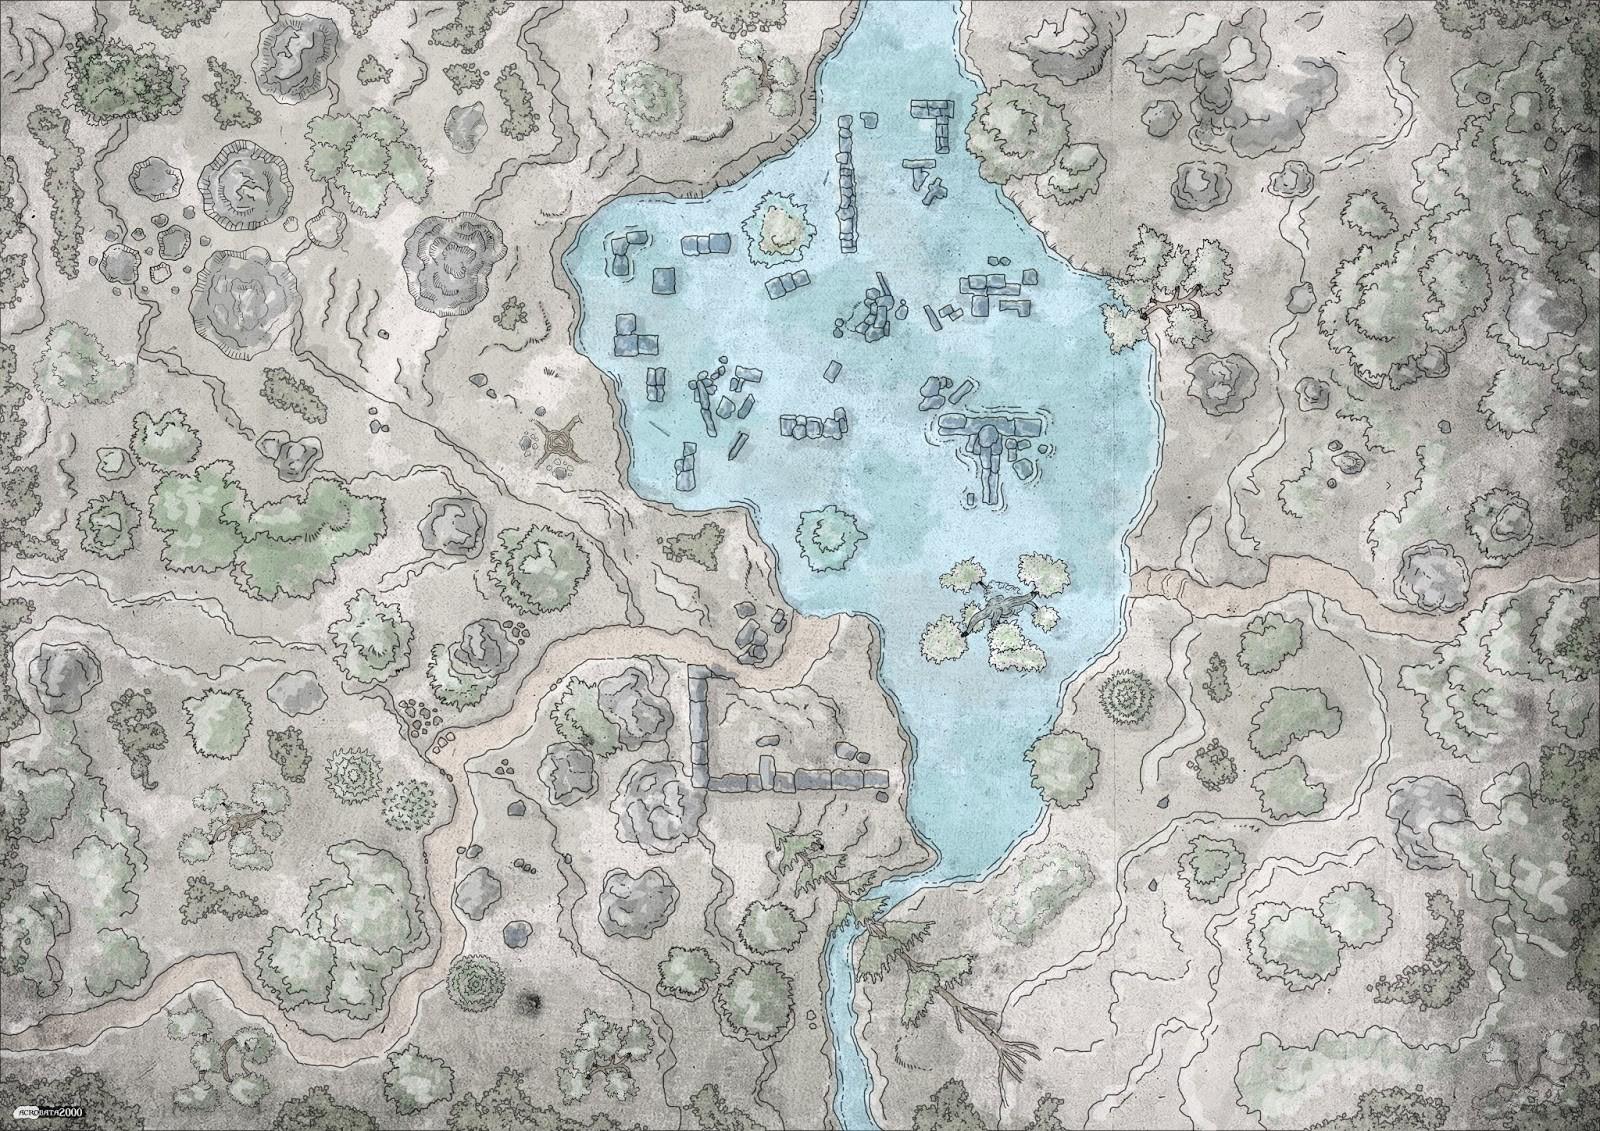 Daniel menendez forest map